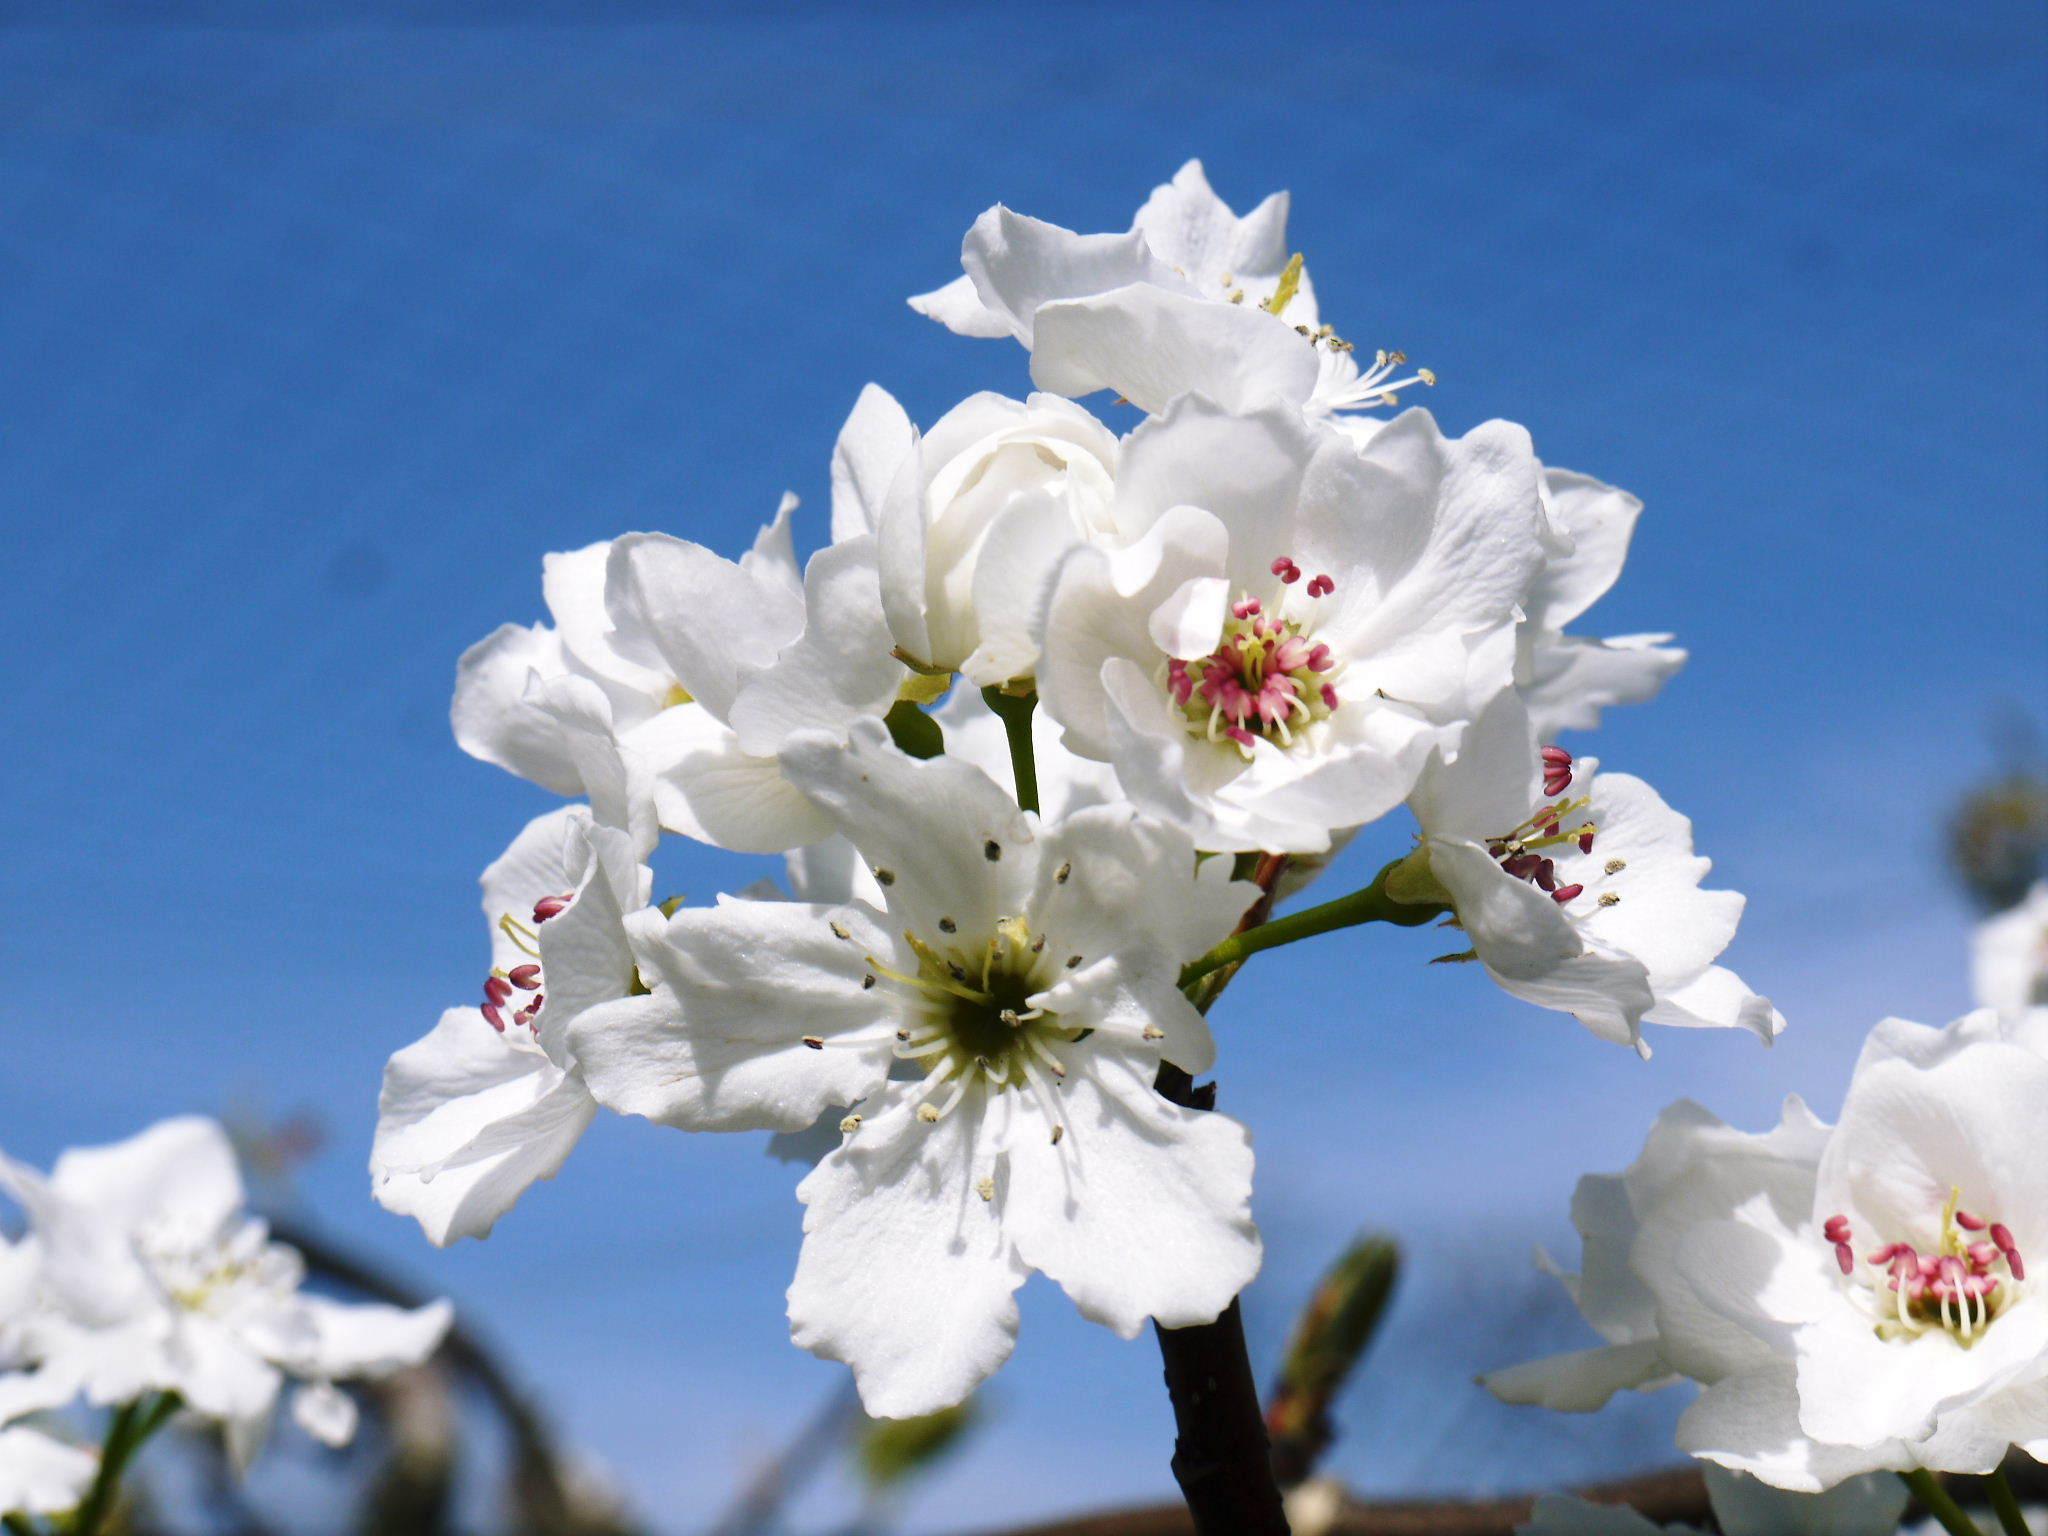 熊本梨 本藤果樹園 花咲く様子!!2020 収穫時期と開花は逆!まずは最後に収穫する『新高』の花です!_a0254656_18004621.jpg